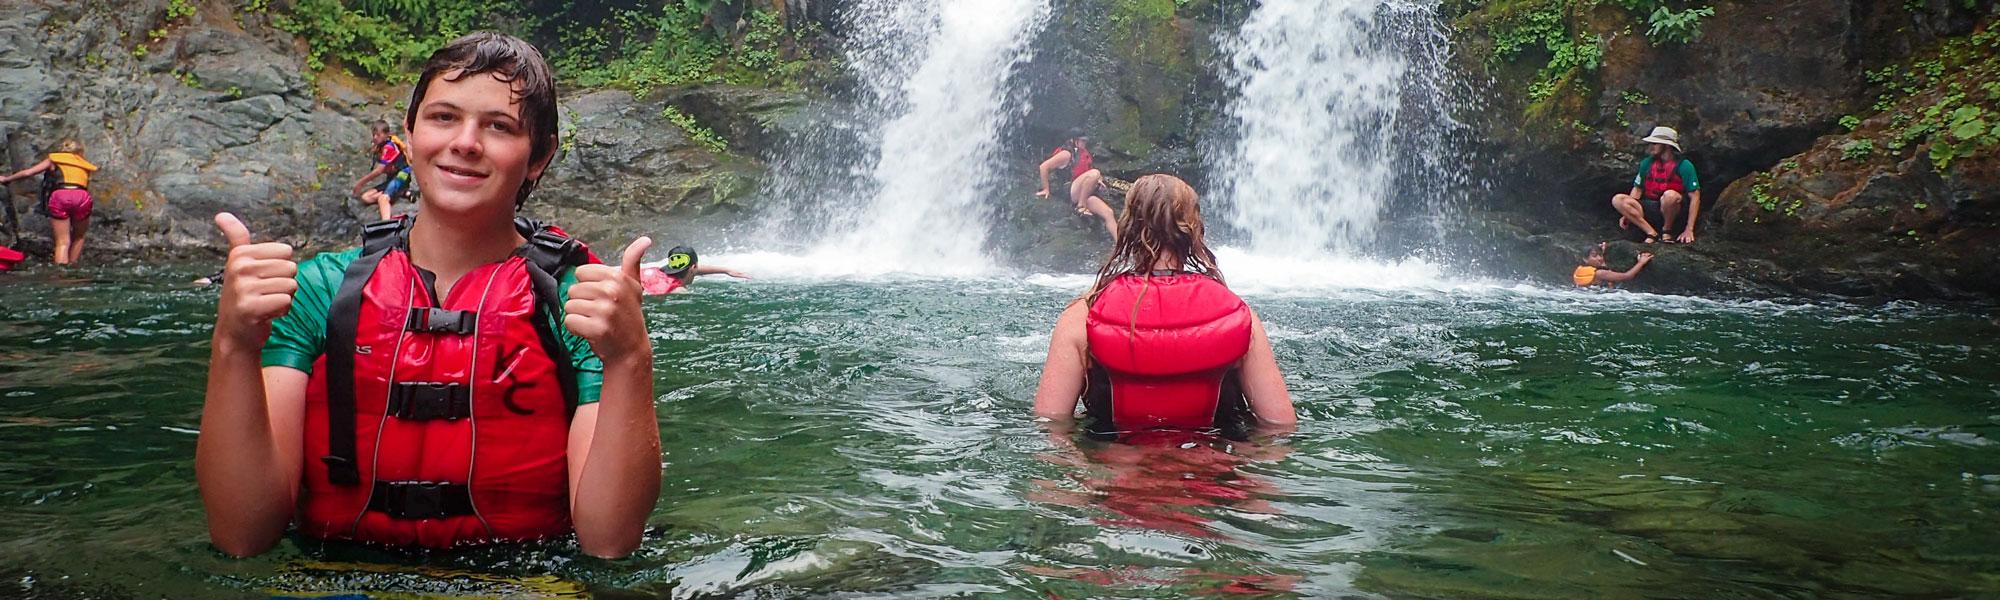 Waterfall Thumbs Up